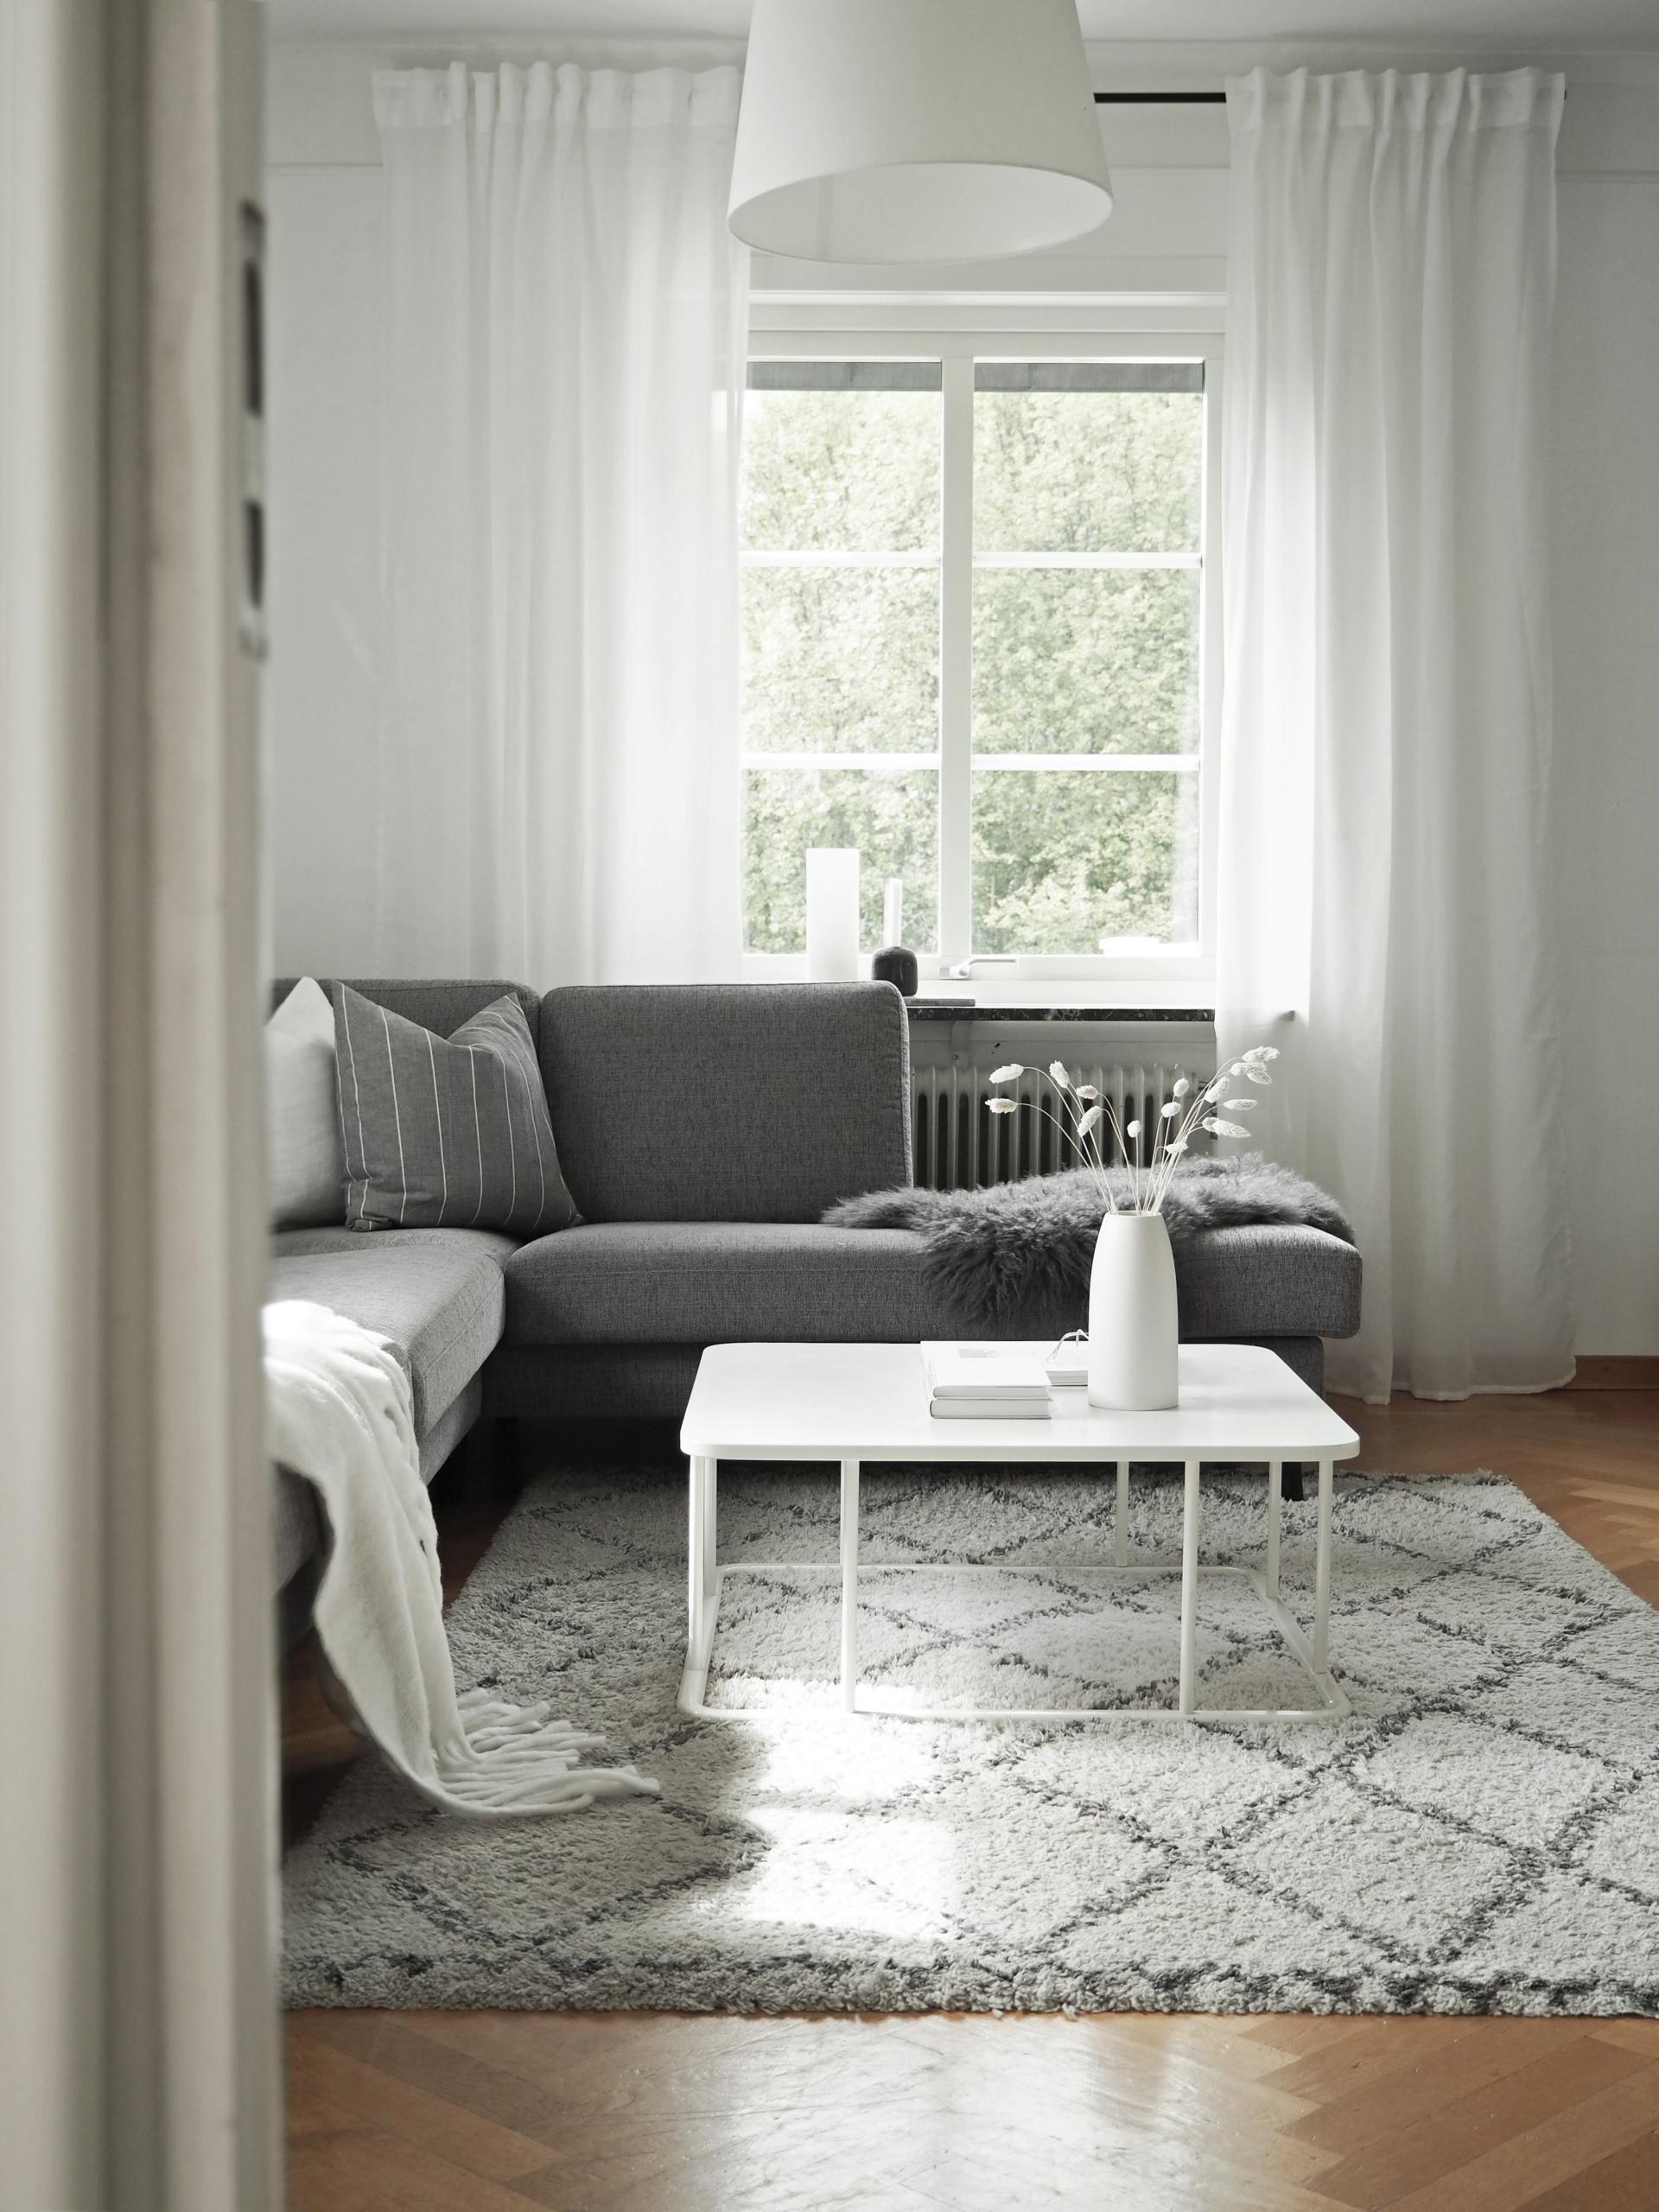 Inredning Homestyling Styling Skellefteå Inredningskonsult Emelie Jäder Fanny Granström Stylat.nu Stylat inredningsinspiration vardagsrum grå soffa